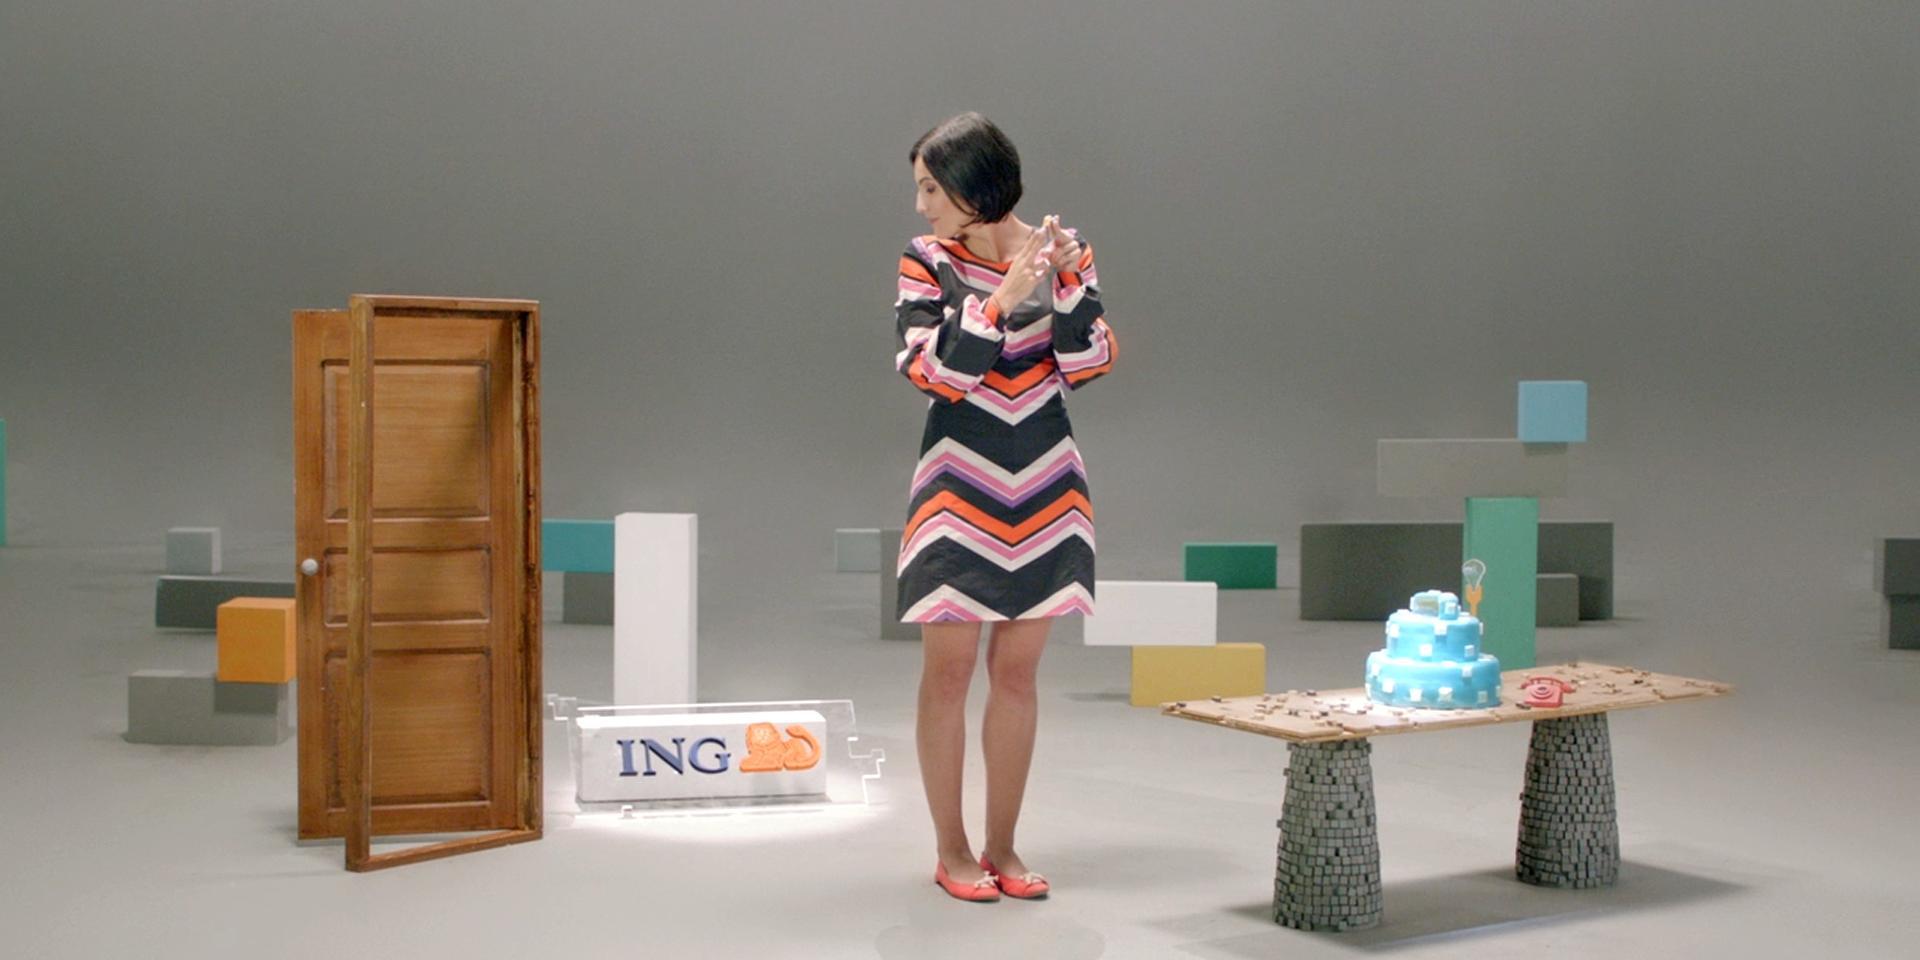 ING / Gigantic